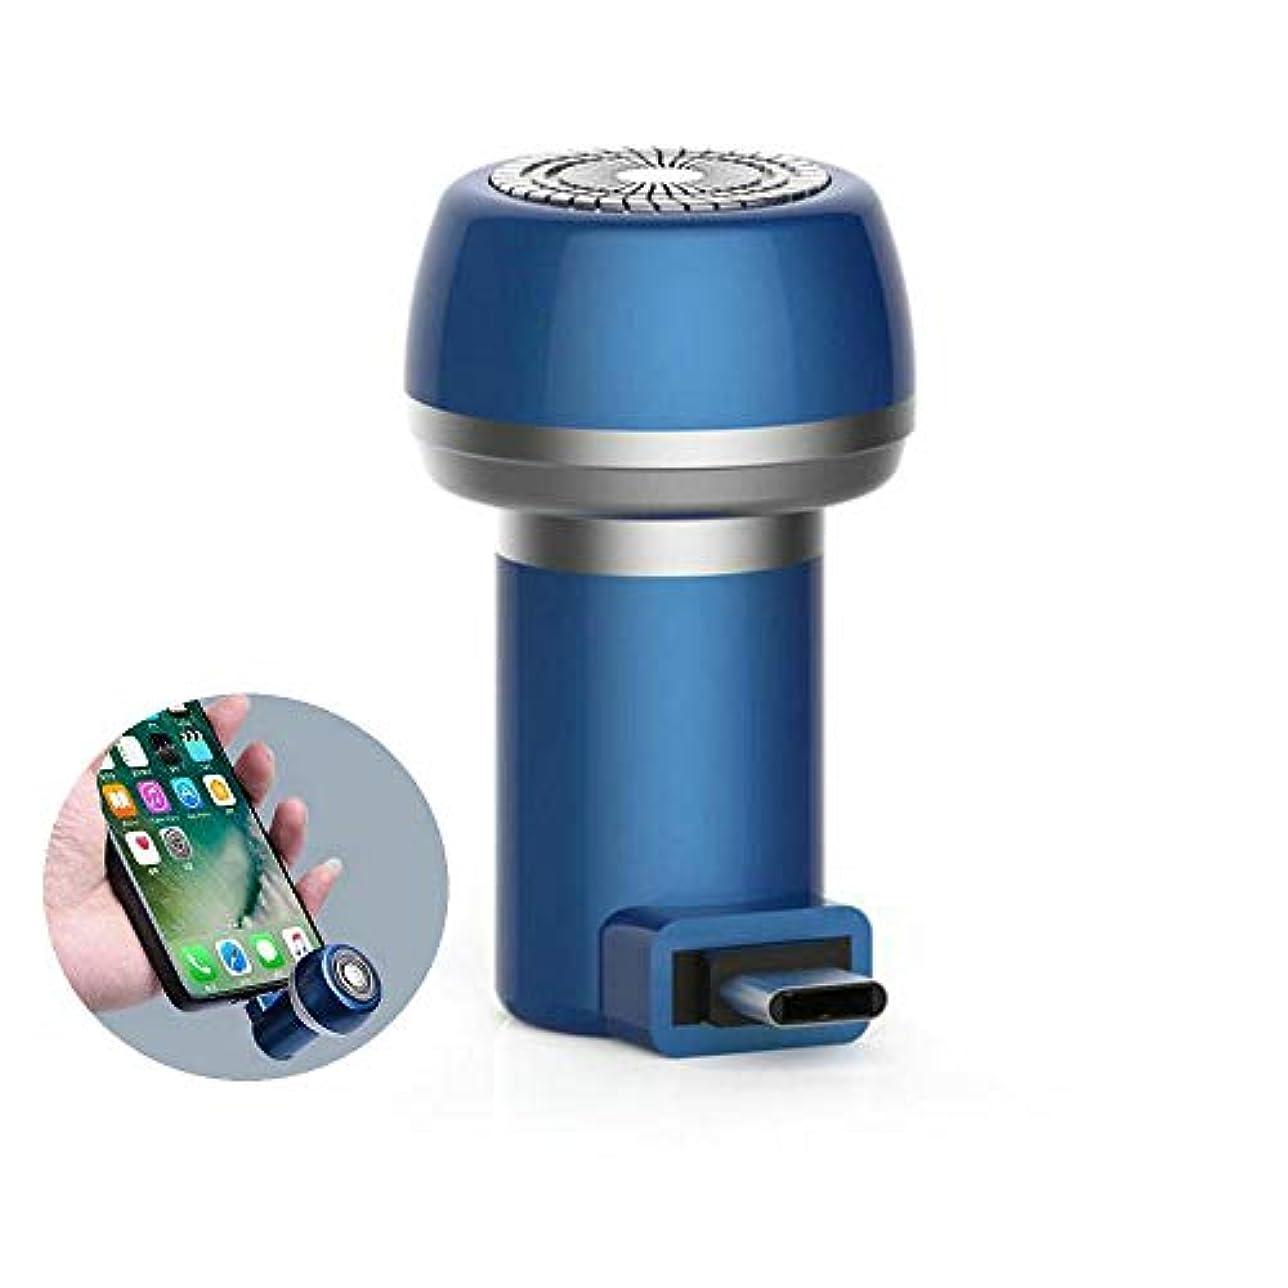 フィットネス果てしない剃るXAHWL ミニ シェーバー 携帯電話 Micro/Type-c/USB+Micro 脱毛器